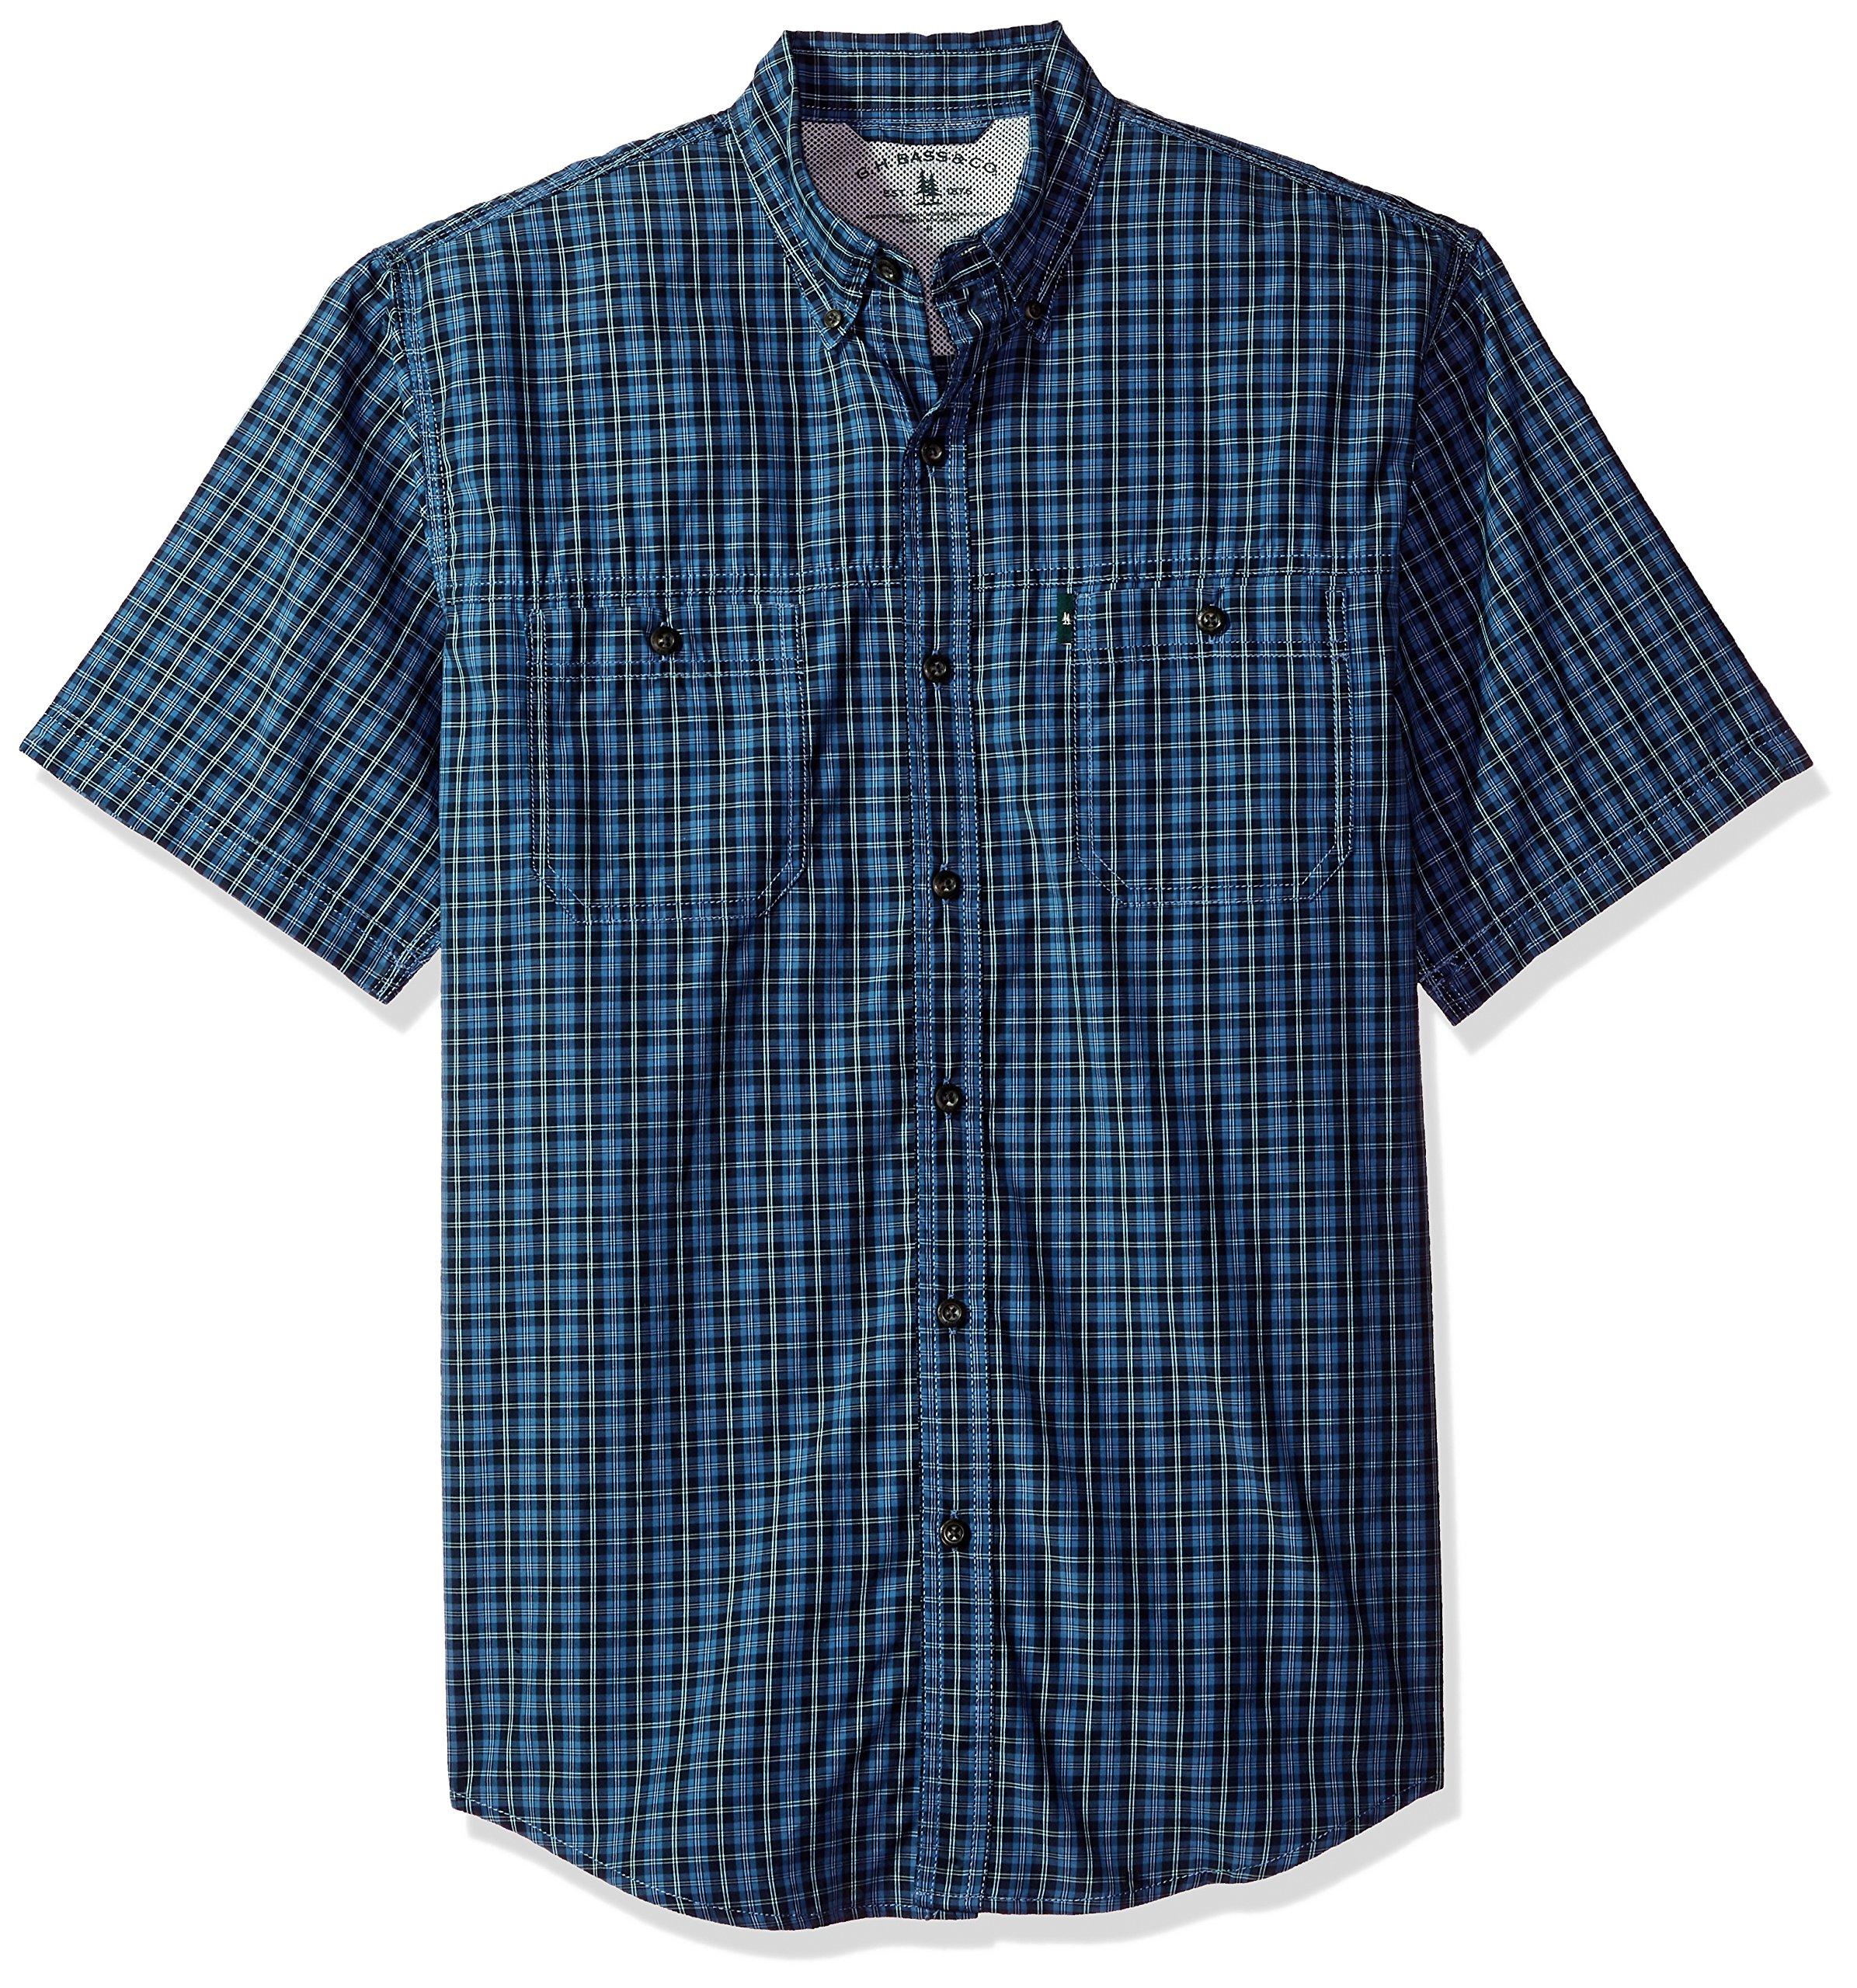 G.H. Bass & Co. Men's Explorer Fancy Short Sleeve Plaid Shirt, Rich Navy Blazer, Large